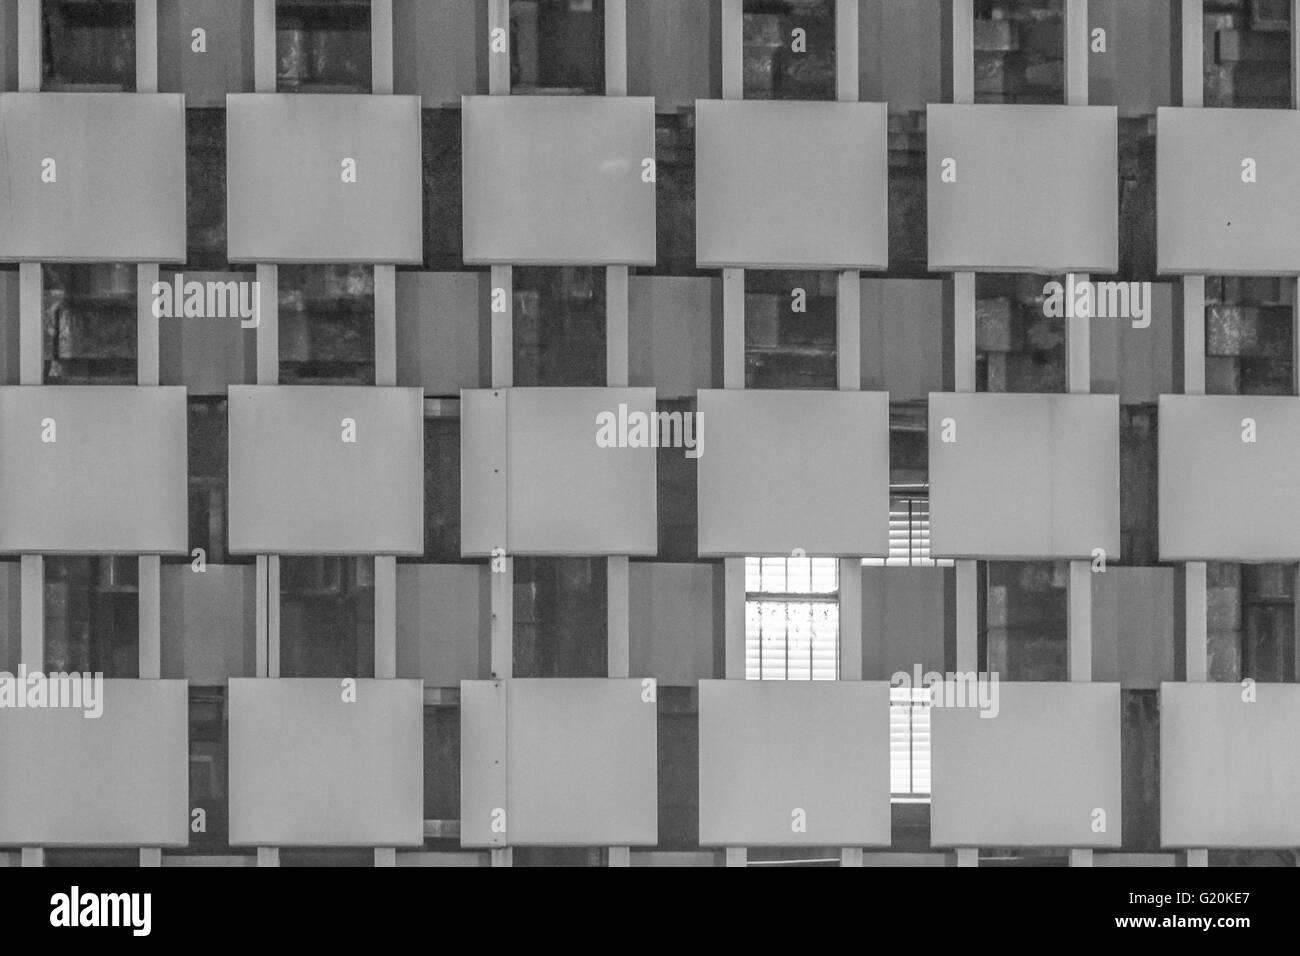 Imagen en blanco y negro de la fachada de un edificio que tiene un patrón de rejilla como en Nueva Orleans Foto de stock